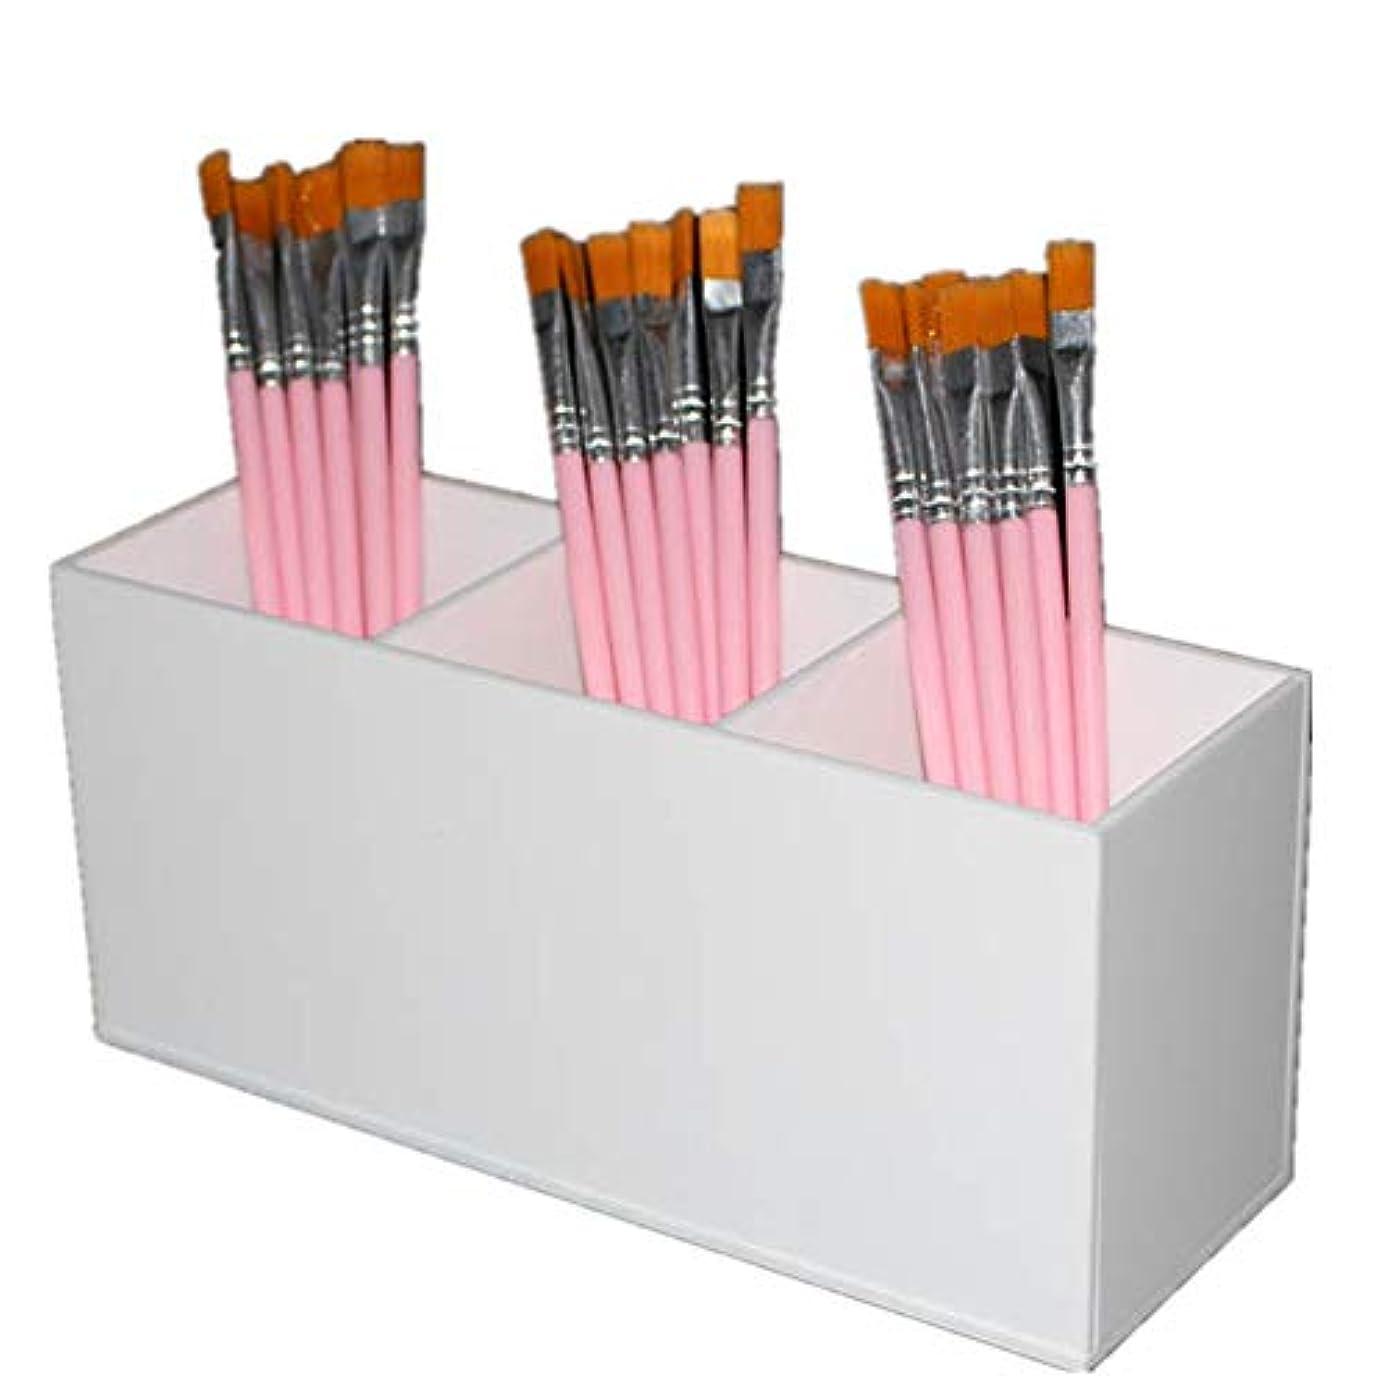 倒錯ペルセウス委員会整理簡単 シンプルな化粧オーガナイザーブラシホルダーホワイトアクリル散りばめたデザイン化粧オーガナイザー (Color : White, Size : 20*6.5*9CM)